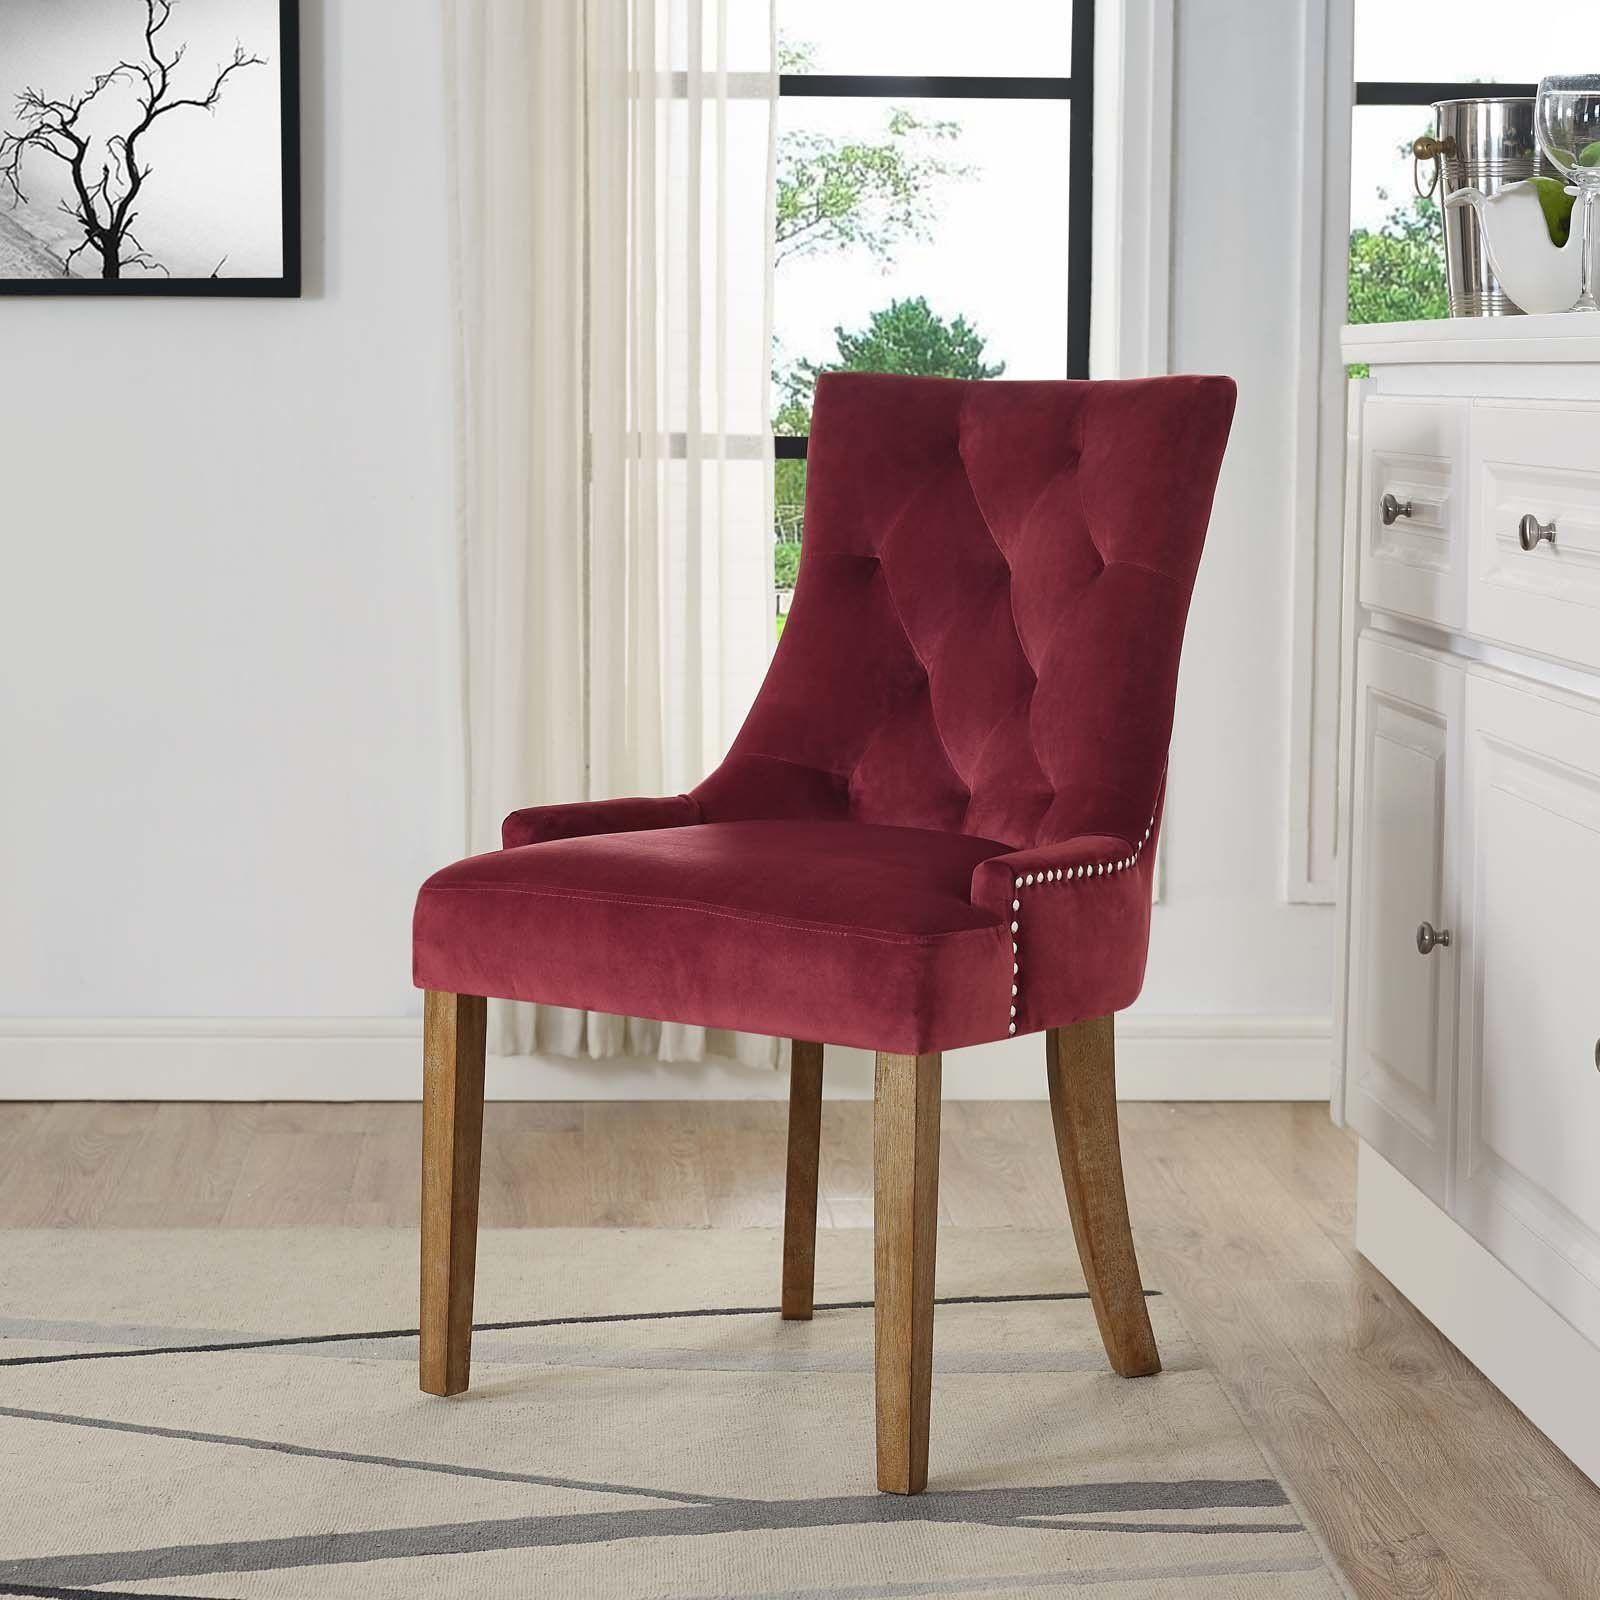 Pose Velvet Dining Chair Wl 03070 Mw Velvet Dining Chairs Round